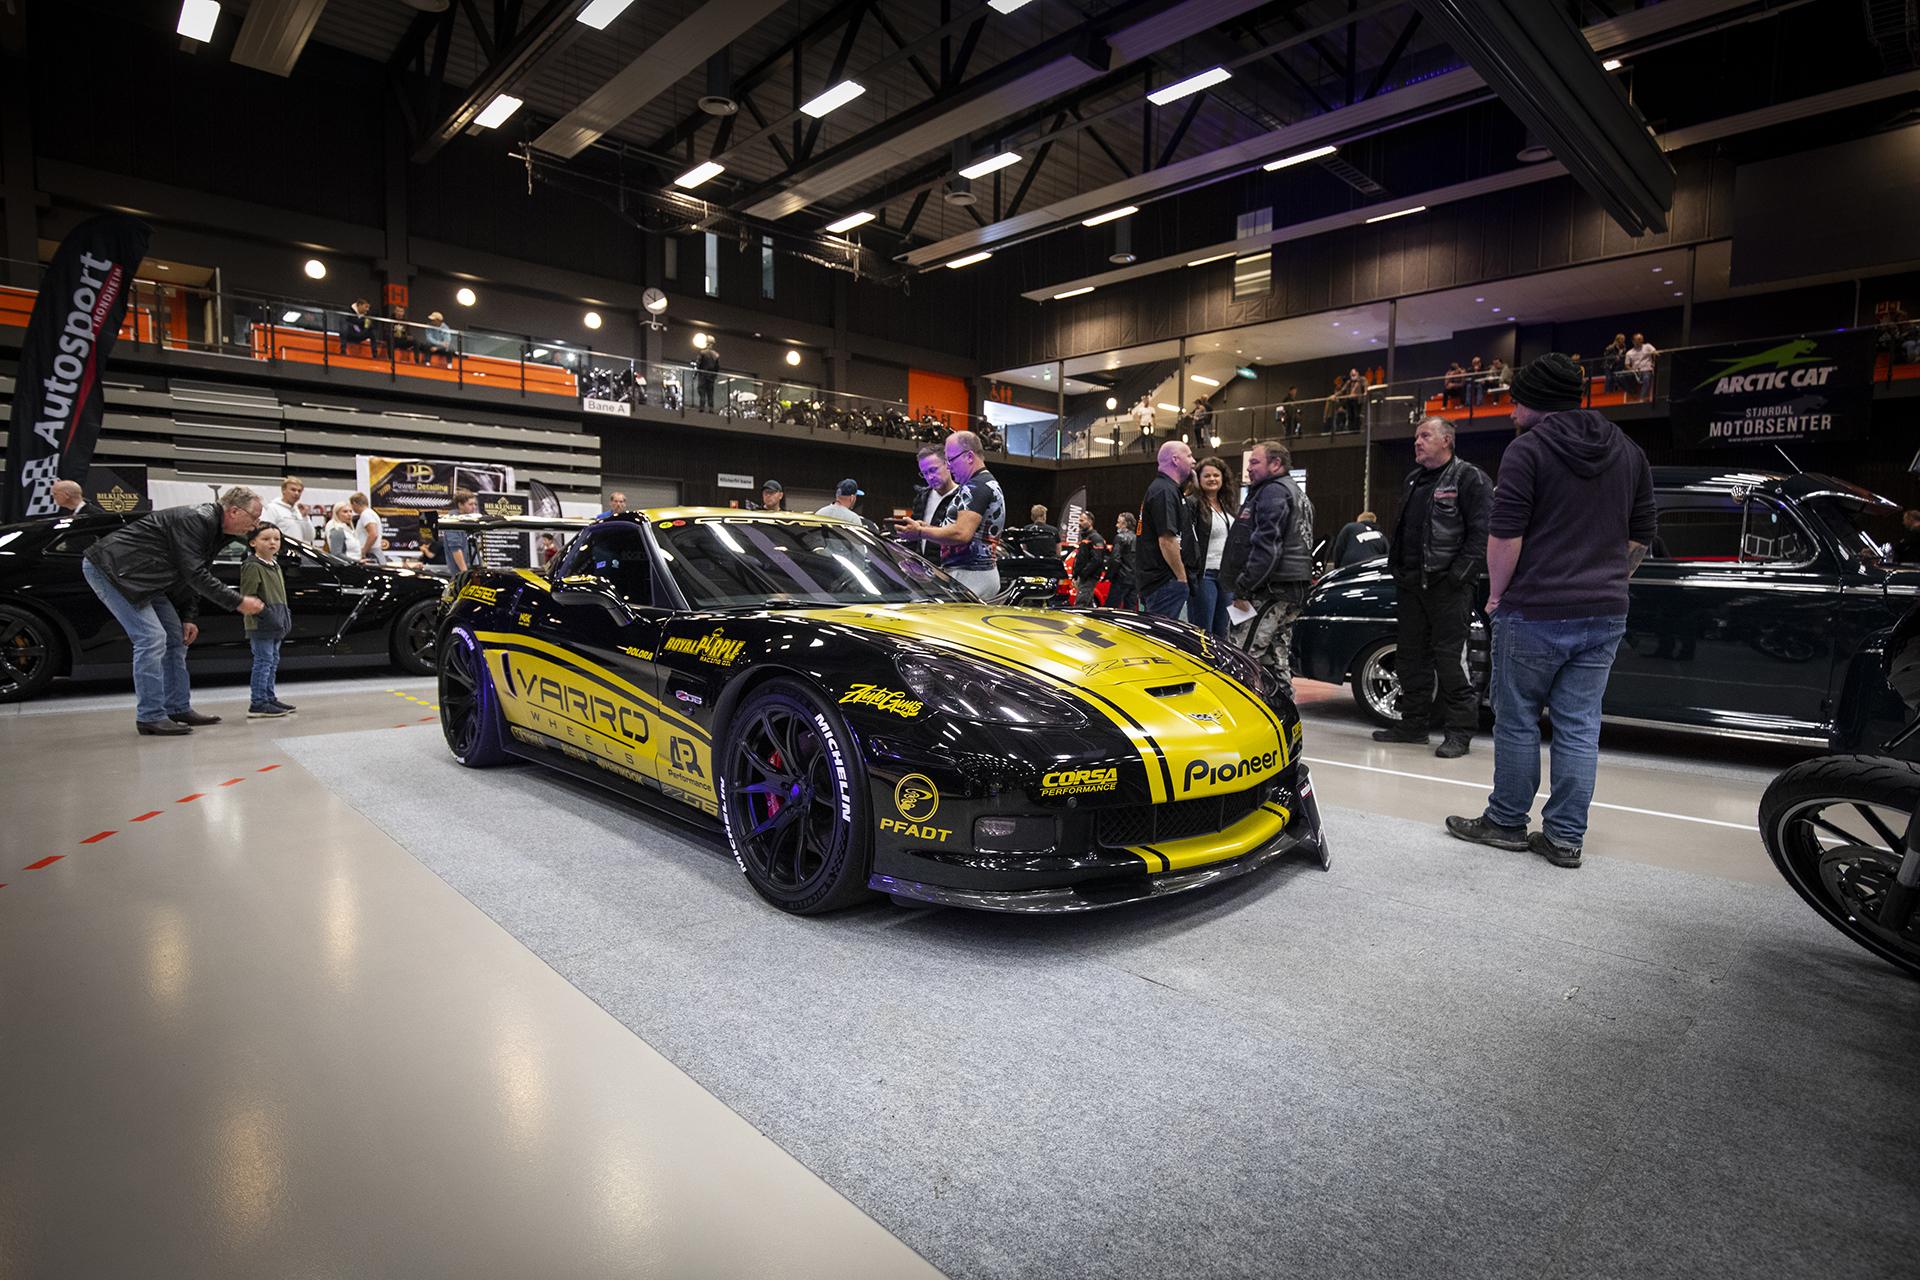 Race-rigget Corvette Z06 som eies av Knut Grinde. Utrolig fett stuk!